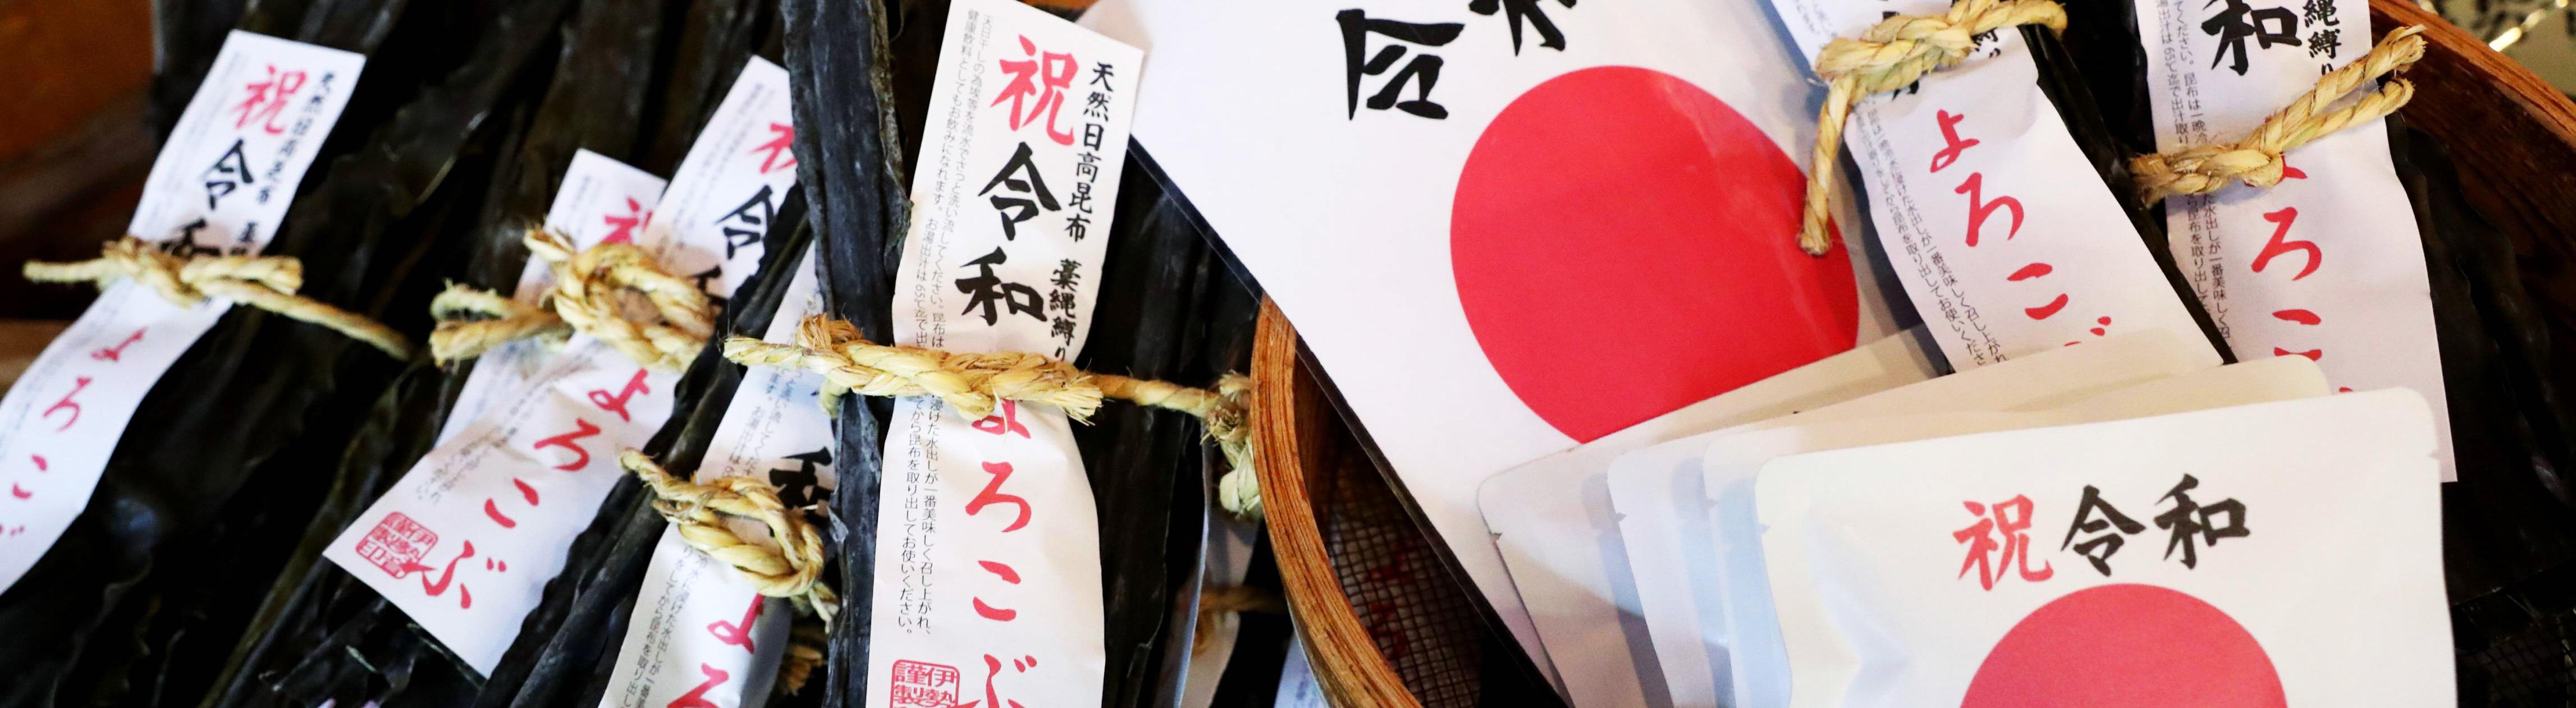 Das Bild zeigt japanische Produkte mit dem Aufdruck der neuen Ära Reiwa.